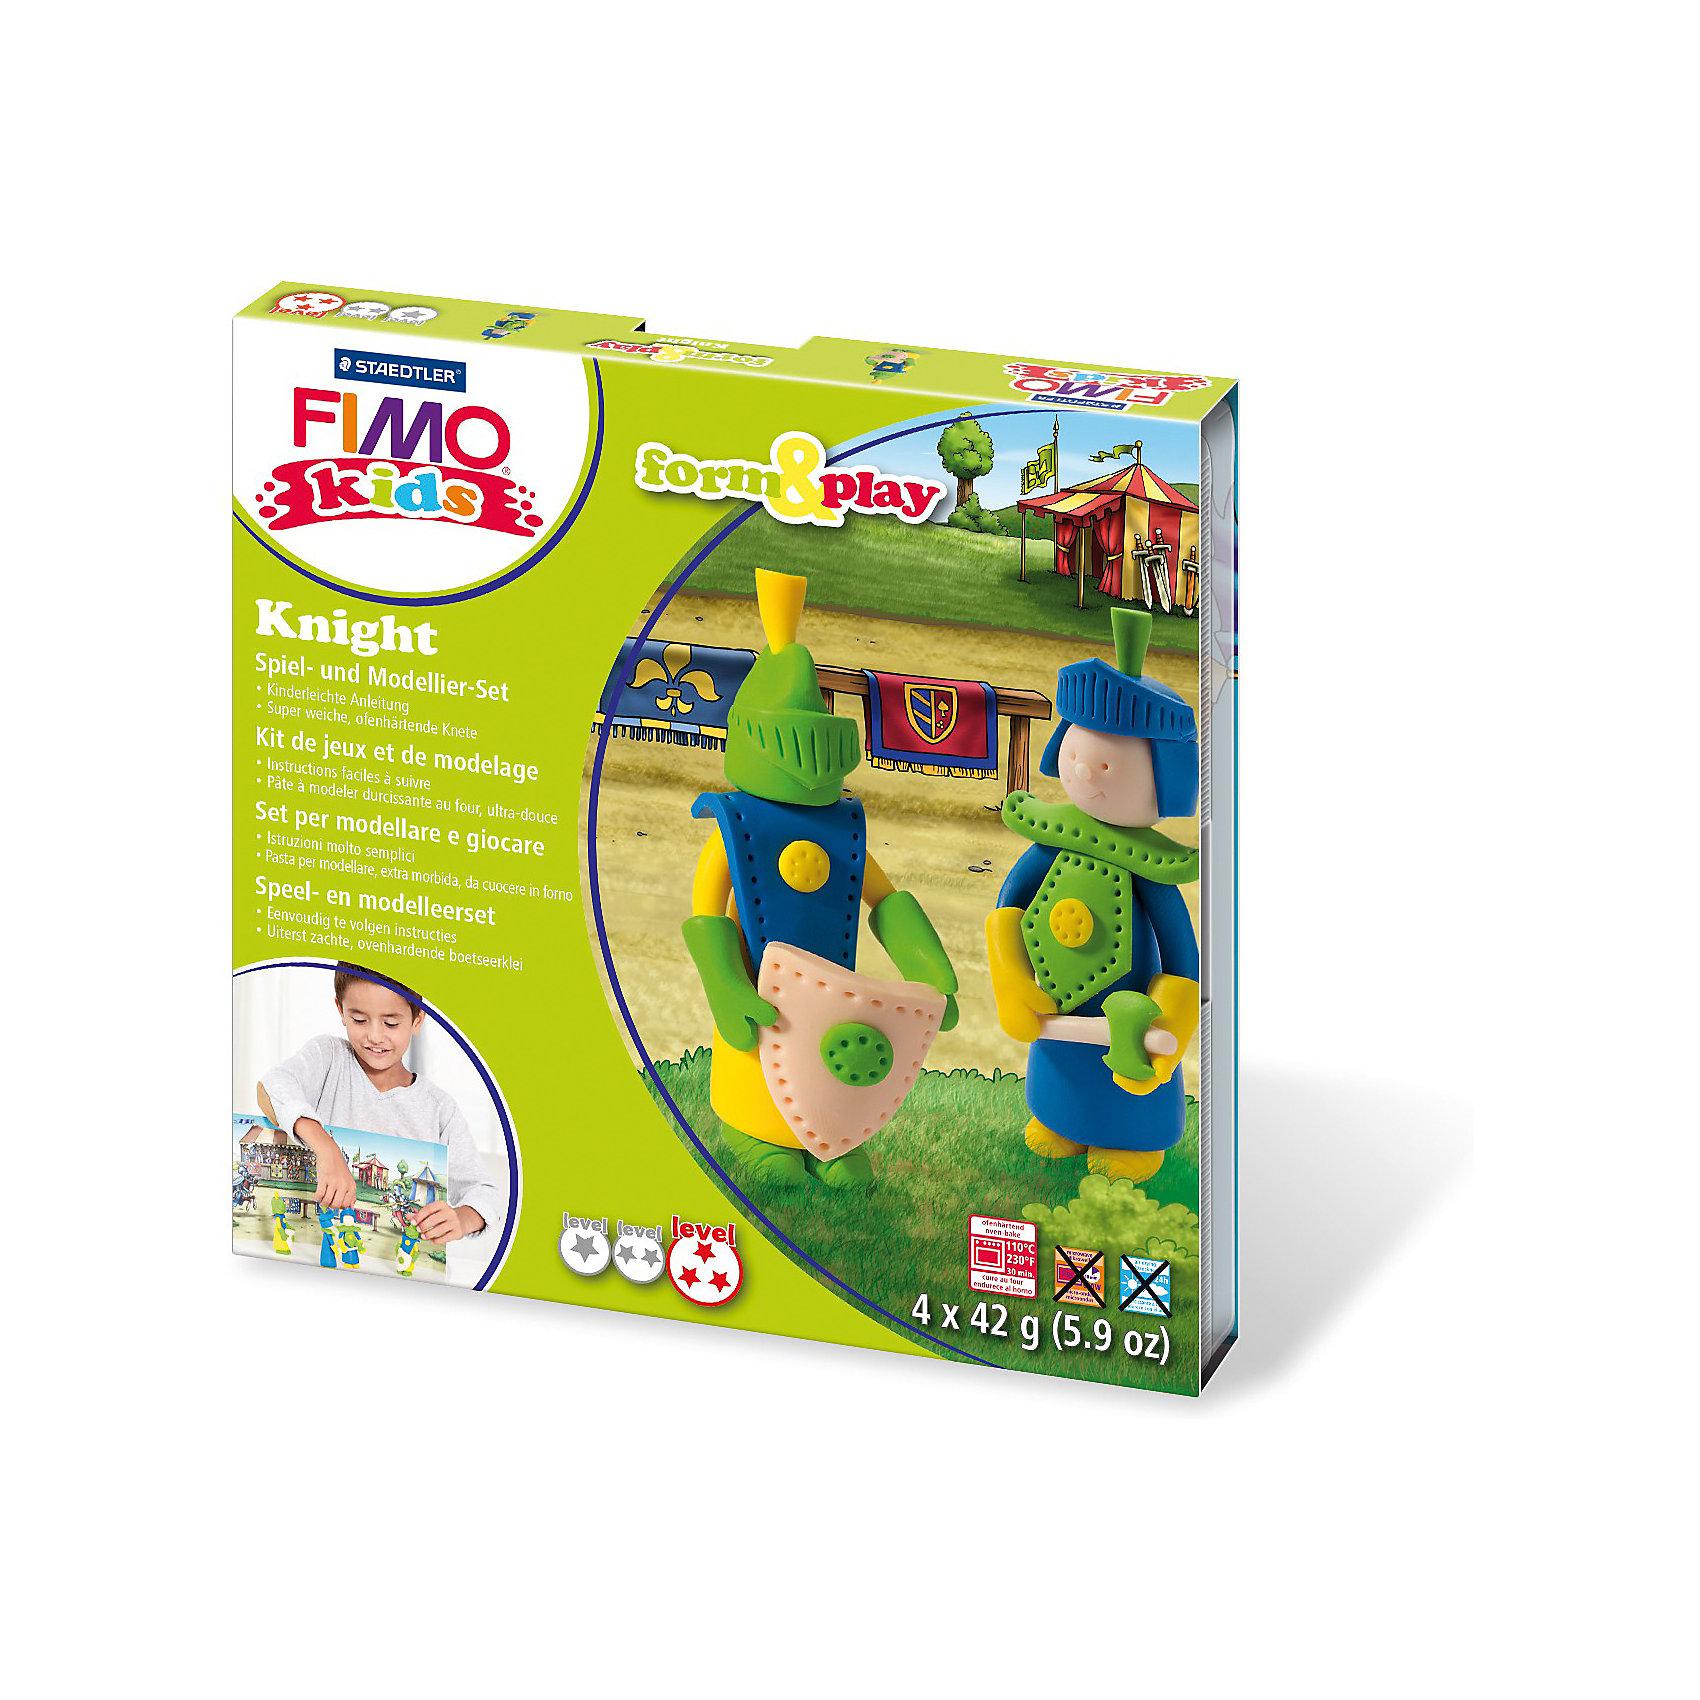 Набор для создания украшений РыцарьНаборы полимерной глины<br>Серия Form&amp;play представляет собой сочетание моделирование и игры. Основная концепция включает простые и хорошо понятные формы, инструкции в соответствии с уровнем сложности и полимерную глину, разработанную специально для детей. Игровая фоновая сцена, изображенная на внутренней стороне упаковки, не только доставит дополнительное удовольствие от игры, но и вдохновит на новые идеи моделирования.&#13;<br>FIMO kids form&amp;play детский набор Рыцарь - содержит: 4 блока по 42 г (желтый, синий, светло-зеленый, телесный), стек для моделирования, пошаговые инструкции, игровая фоновая сцена. Уровень сложности 3.<br><br>Ширина мм: 156<br>Глубина мм: 159<br>Высота мм: 25<br>Вес г: 256<br>Возраст от месяцев: 60<br>Возраст до месяцев: 96<br>Пол: Унисекс<br>Возраст: Детский<br>SKU: 3608626